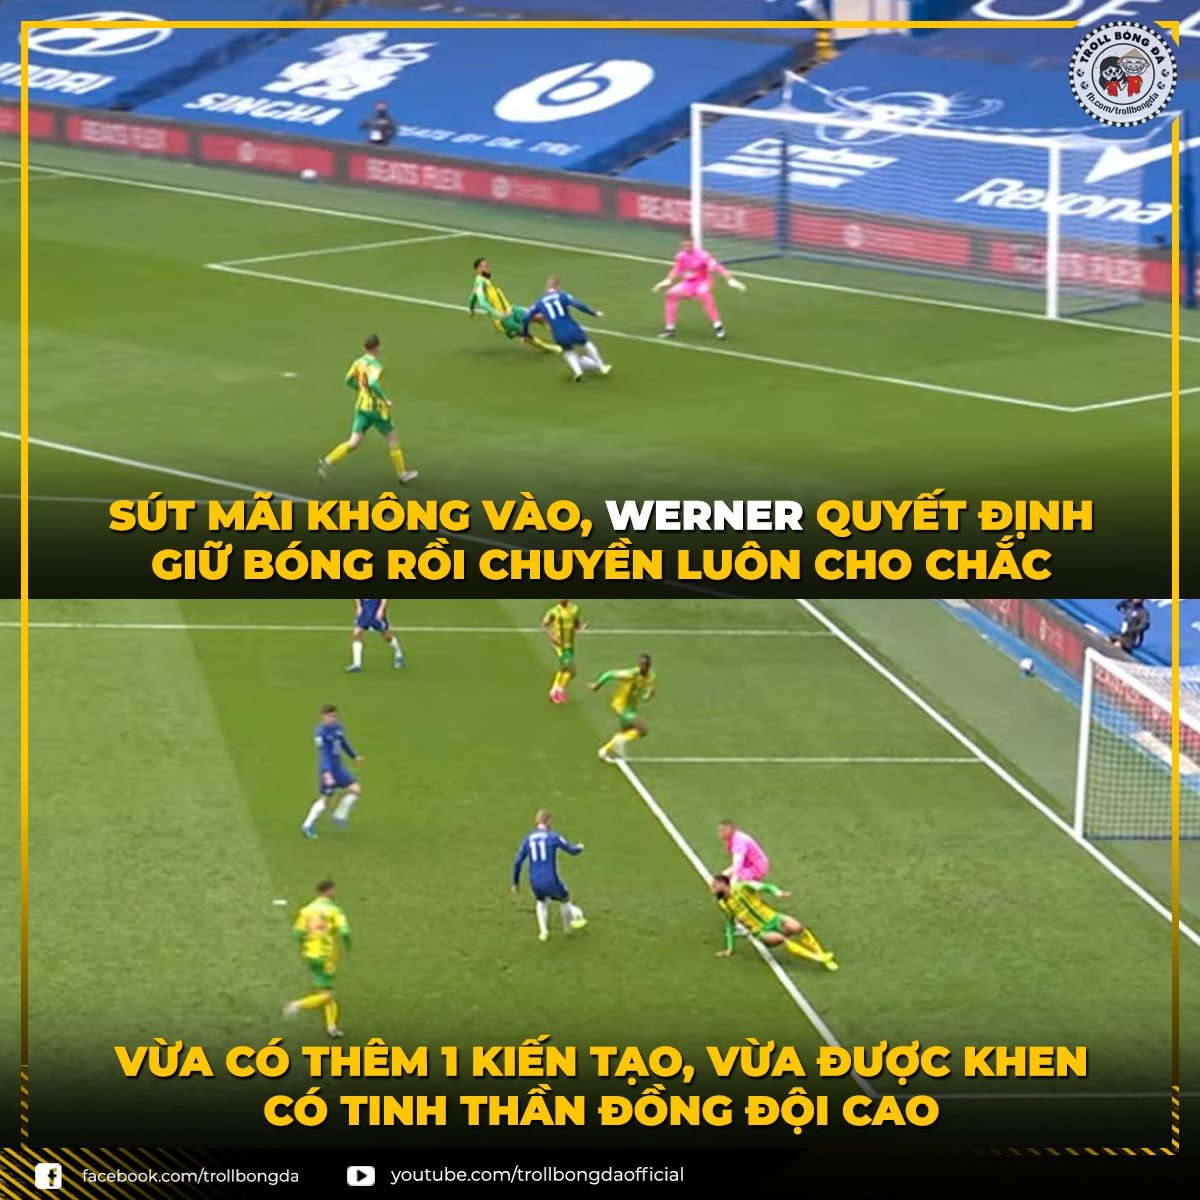 Werner nâng cao thành tích kiến tạo dù vẫn chưa ghi bàn. (Ảnh: Troll bóng đá).